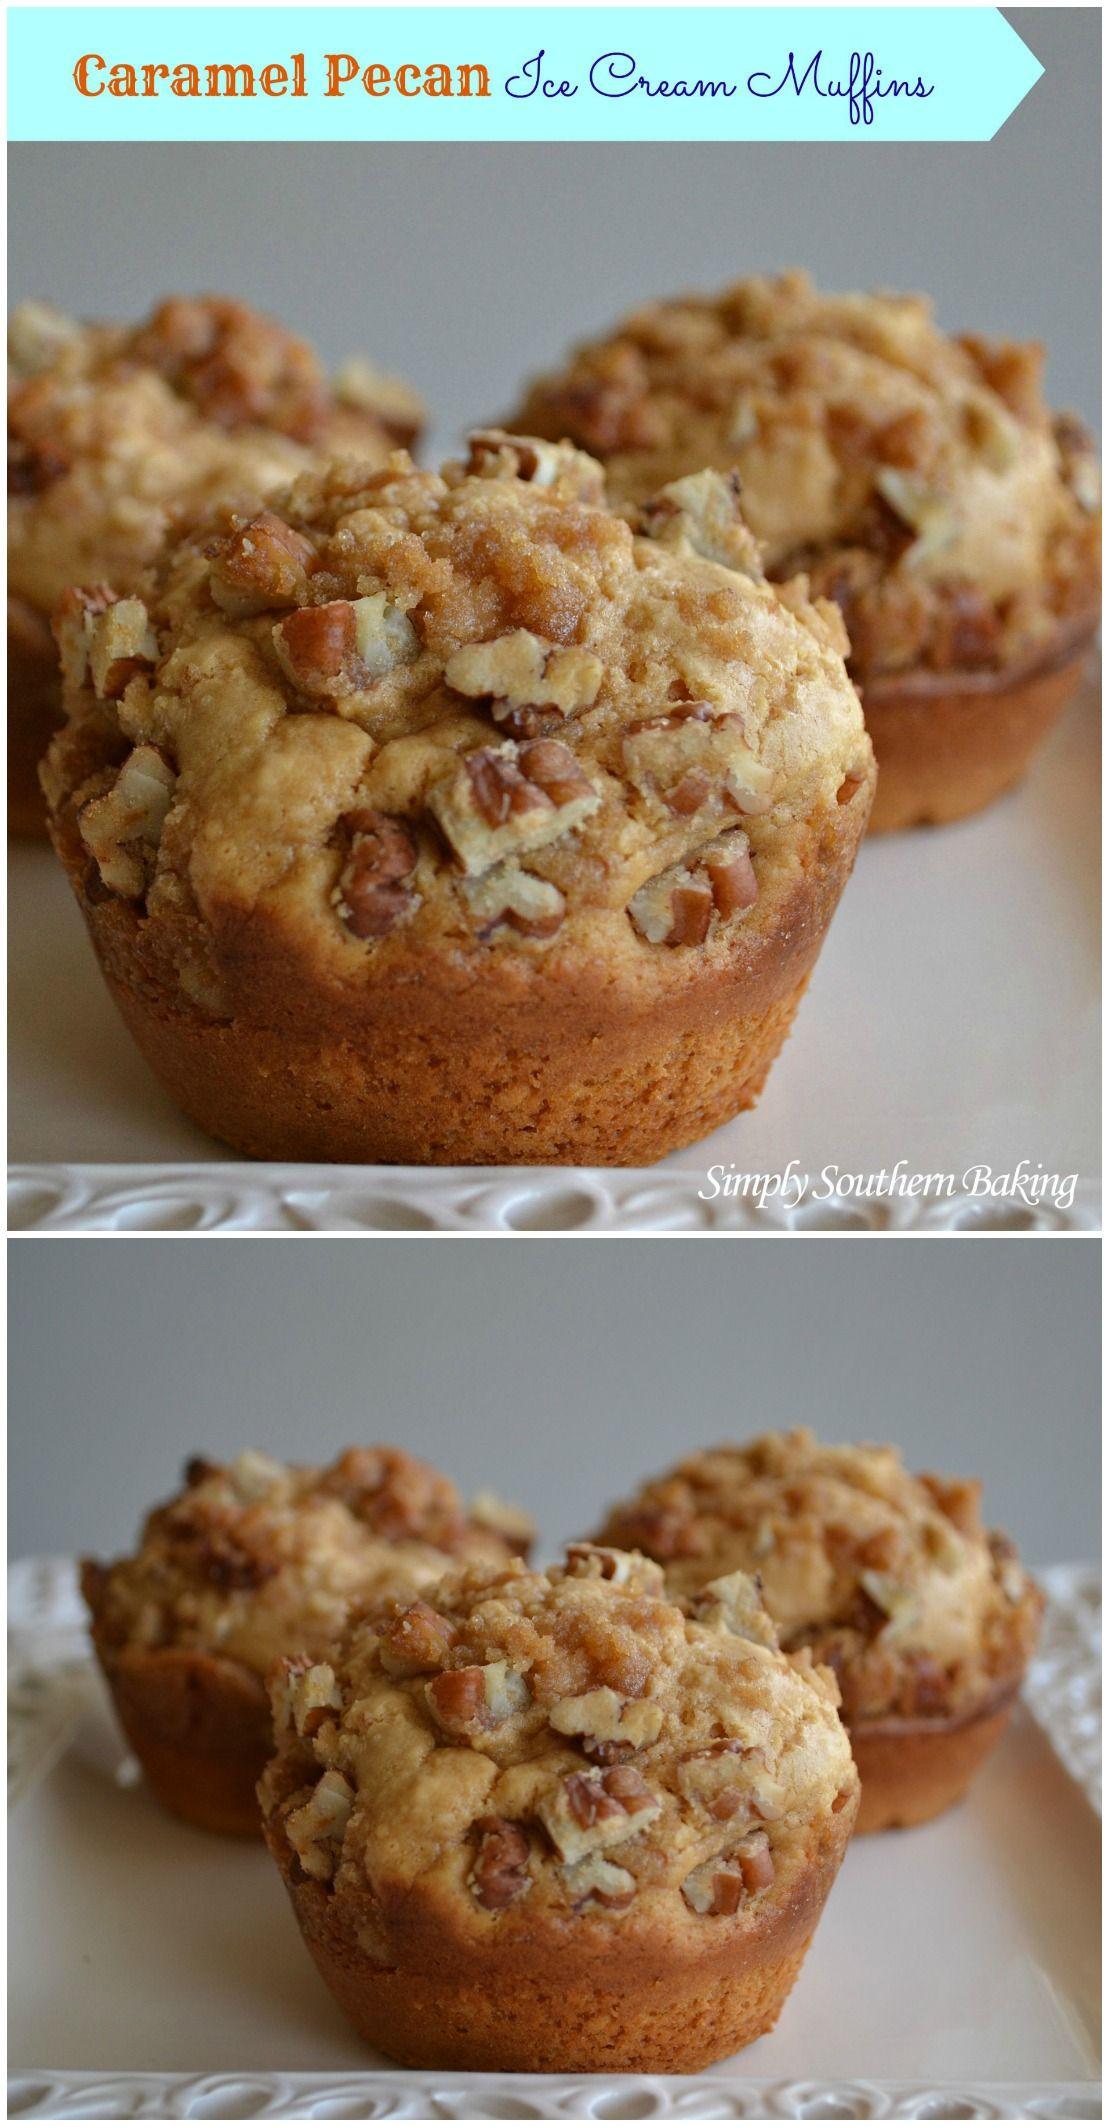 Caramel Pecan Ice Cream Muffins